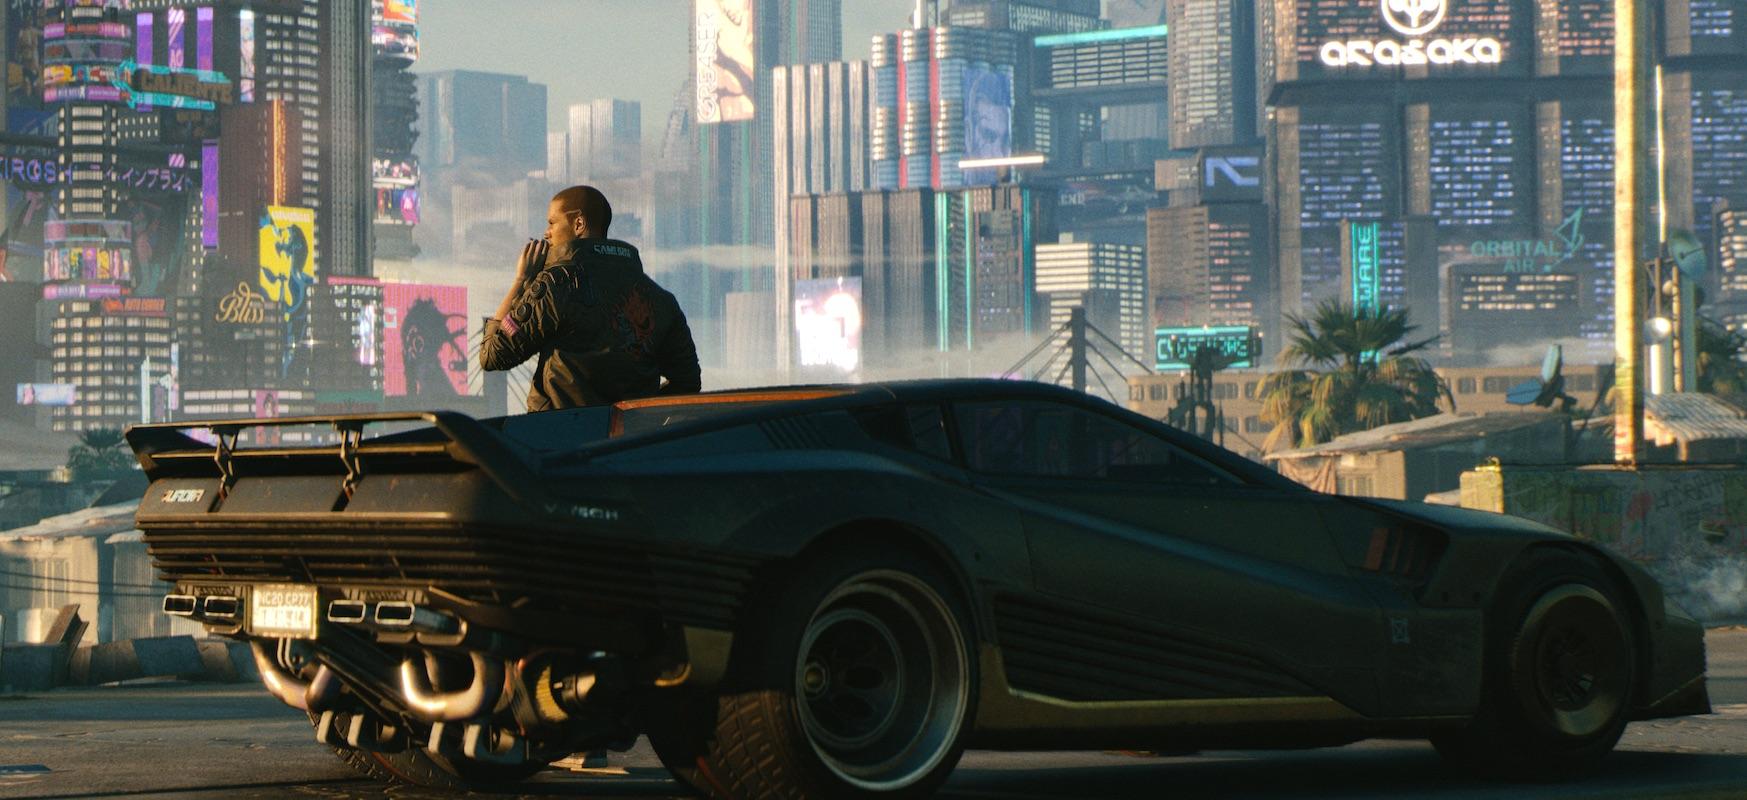 Ongi etorri Night City-ra.  Cyberpunk 2077an bisitatuko dituzun barruti eta lekuetarako gida